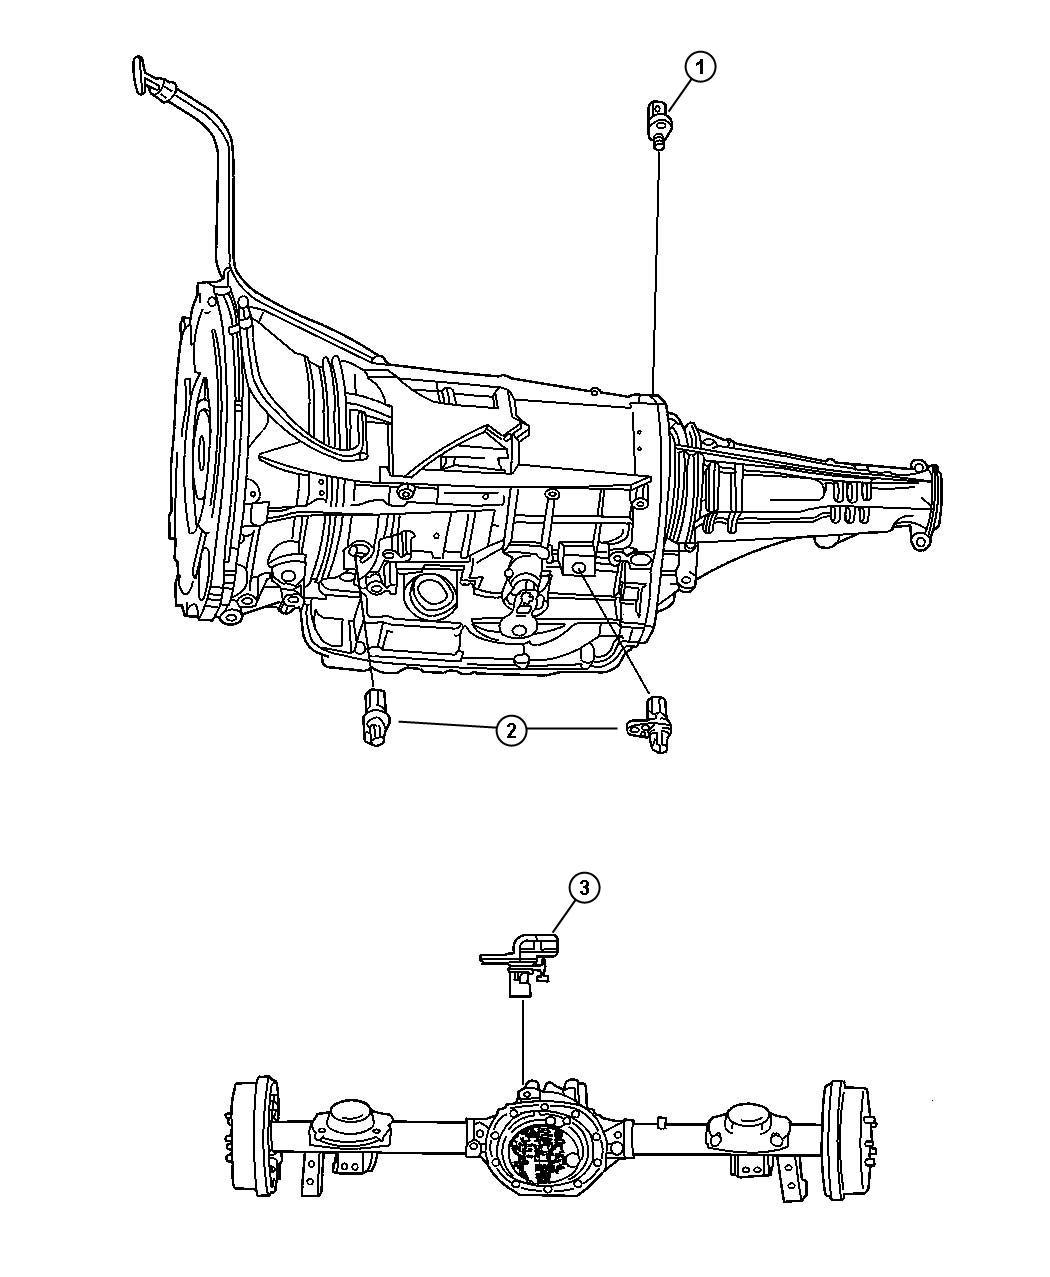 Dodge Ram 4x4 5 7l V8 Hemi Mds Vvt 6 Spd Automatic 65rfe Sensors Drivetrain